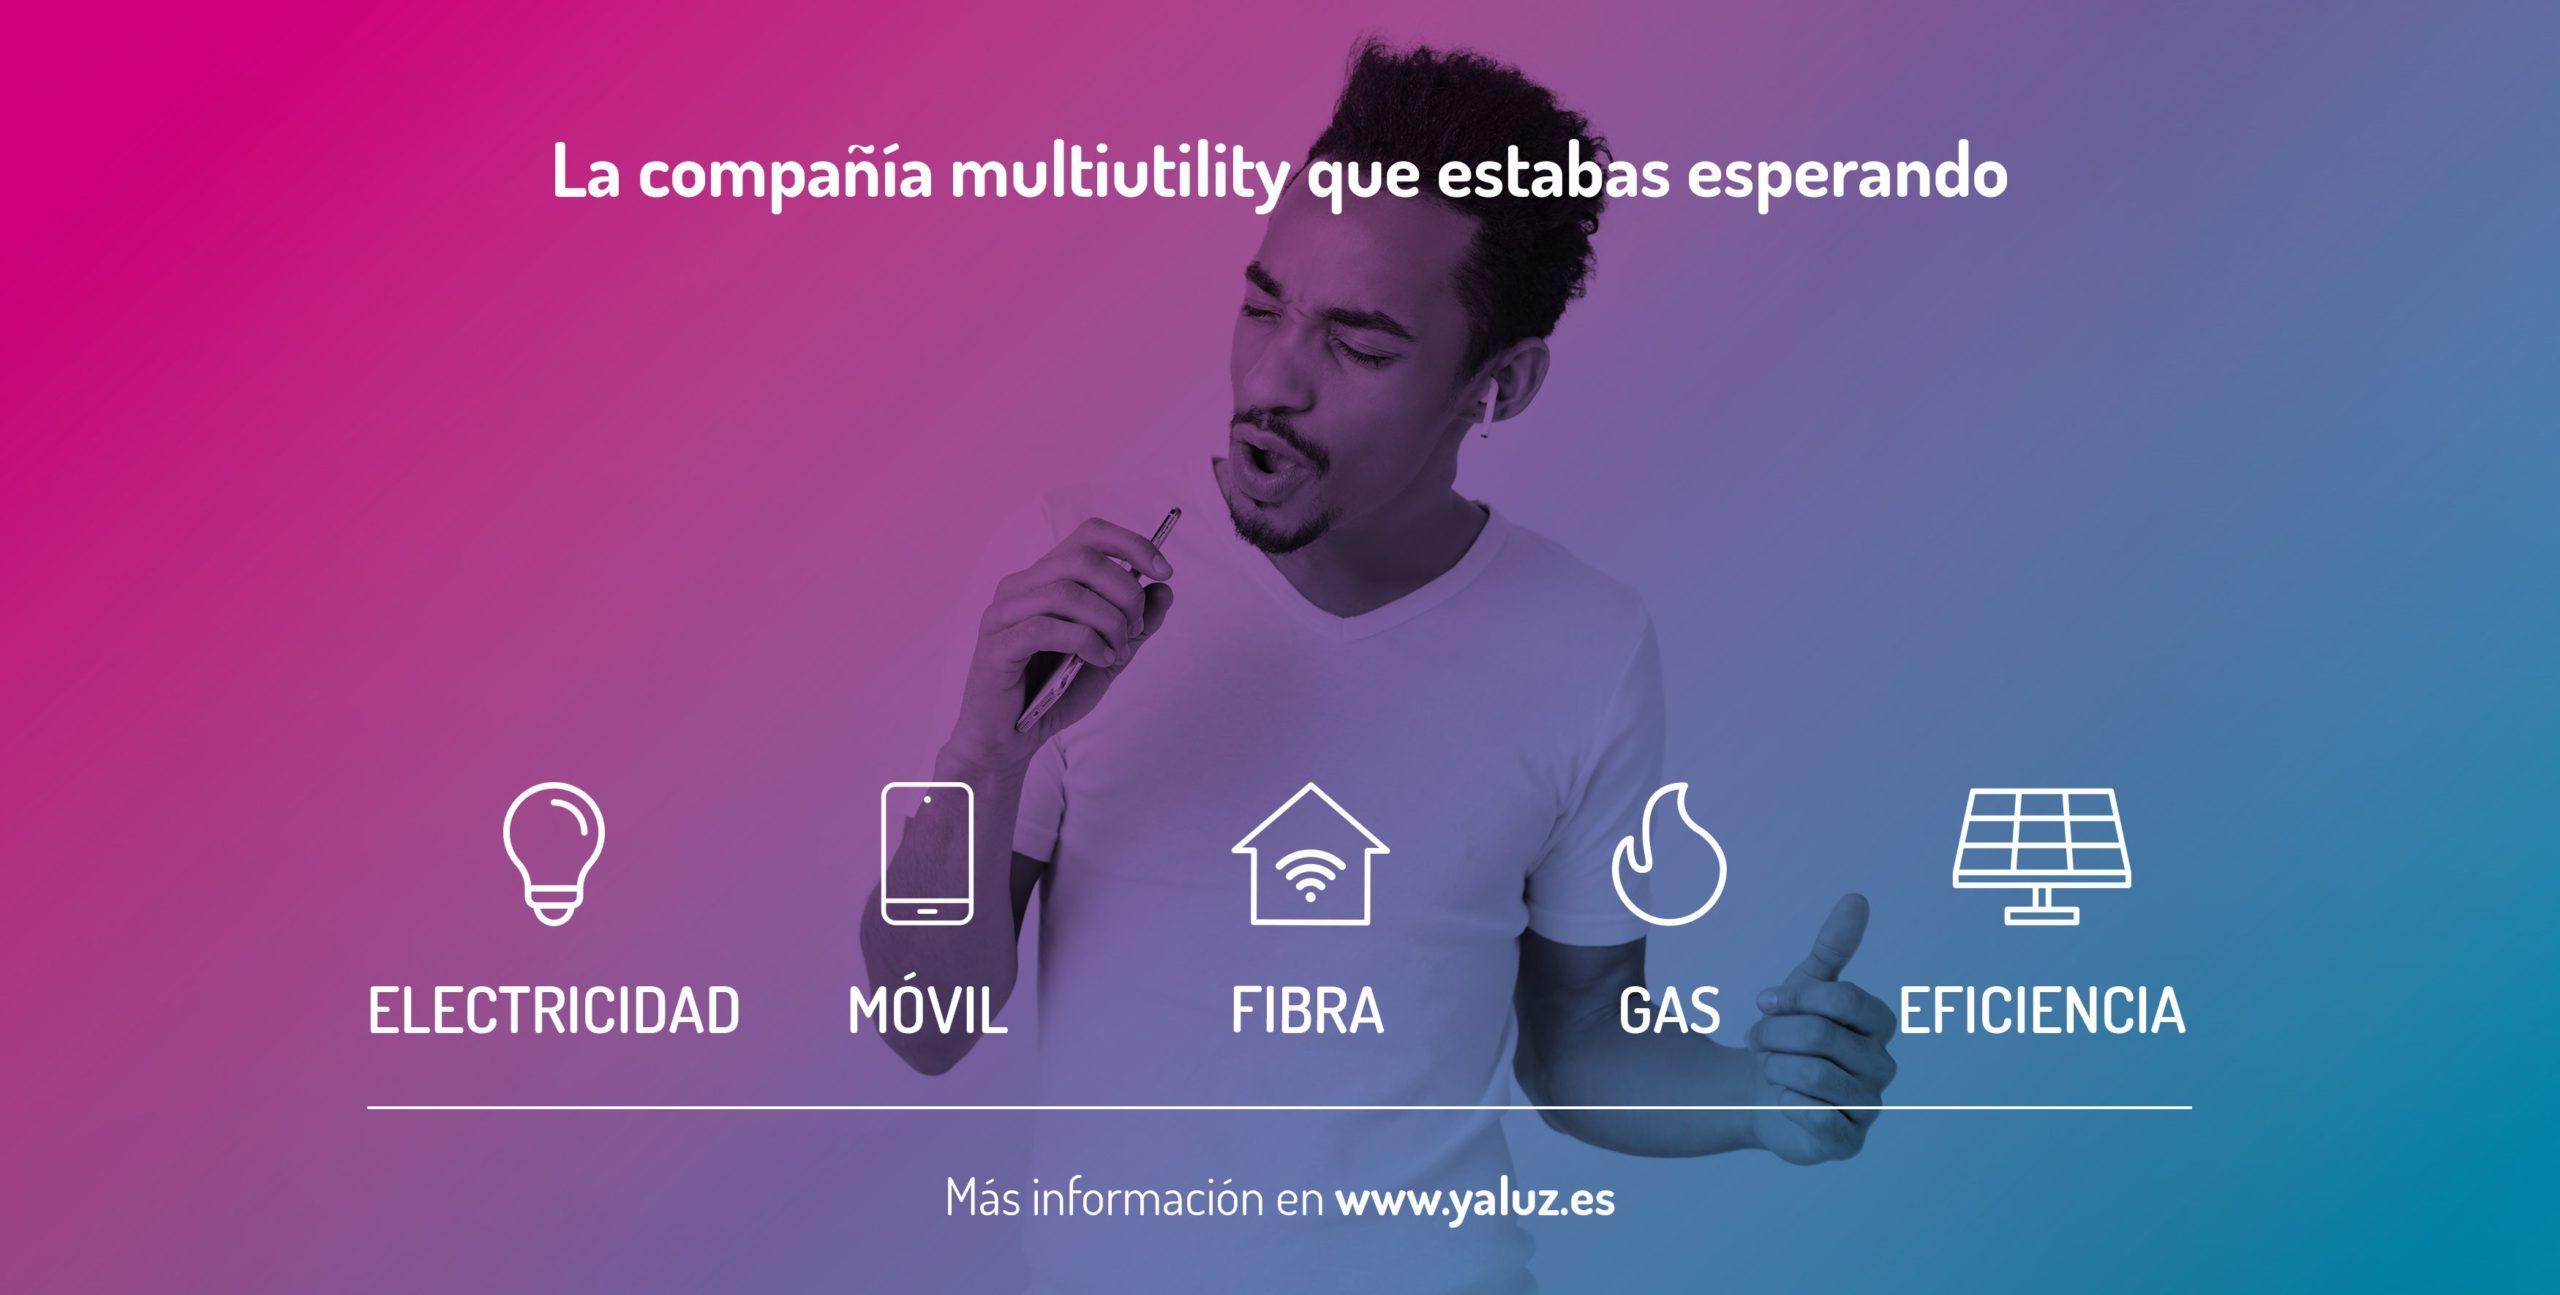 Yaluz! se convierte en compañía multiutility al integrar telecomunicaciones en su oferta